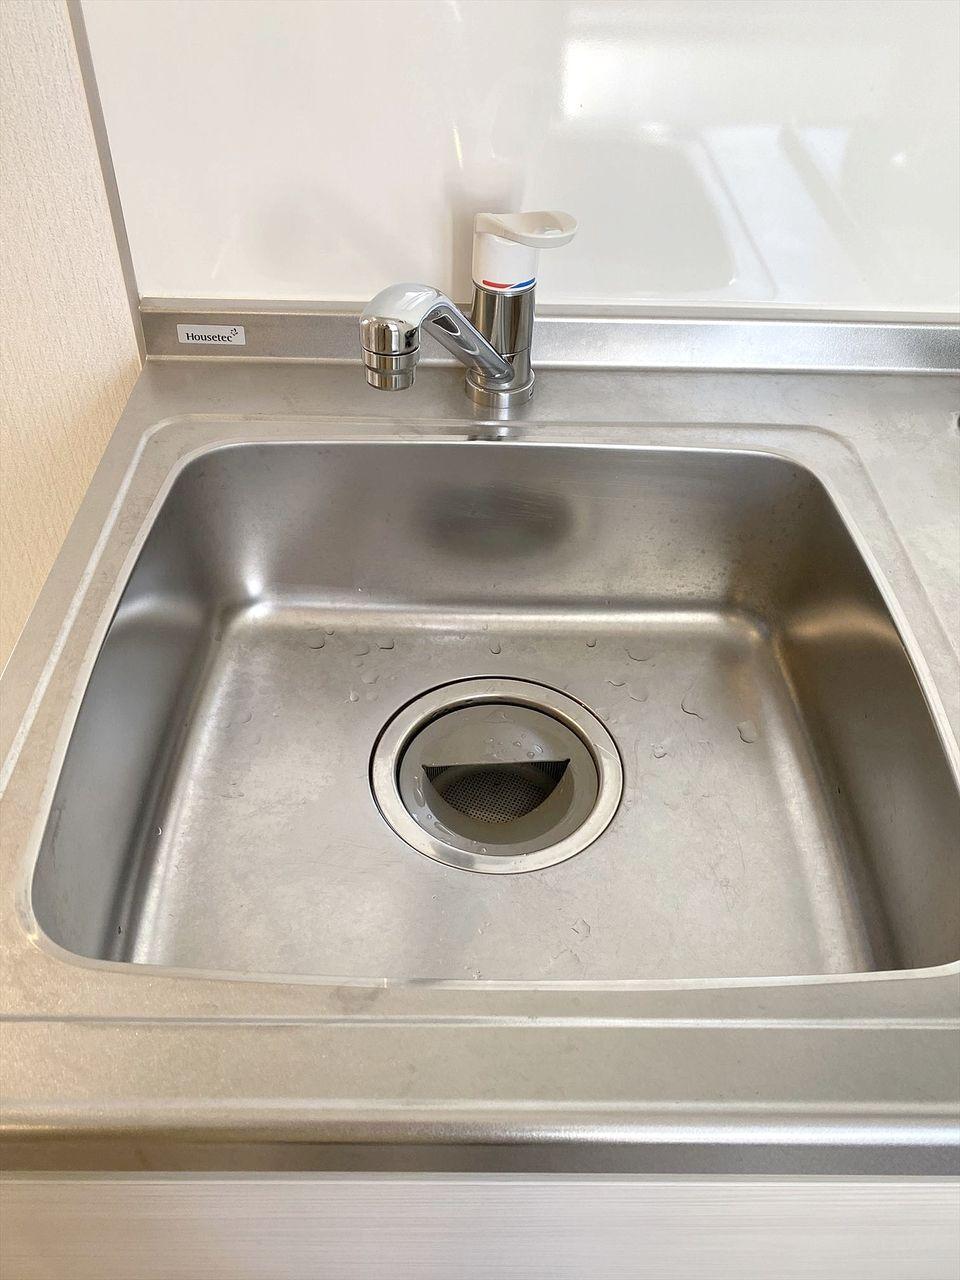 豊島区千早の賃貸マンション オーレ池袋西102号室 キッチンのシンク 綺麗です